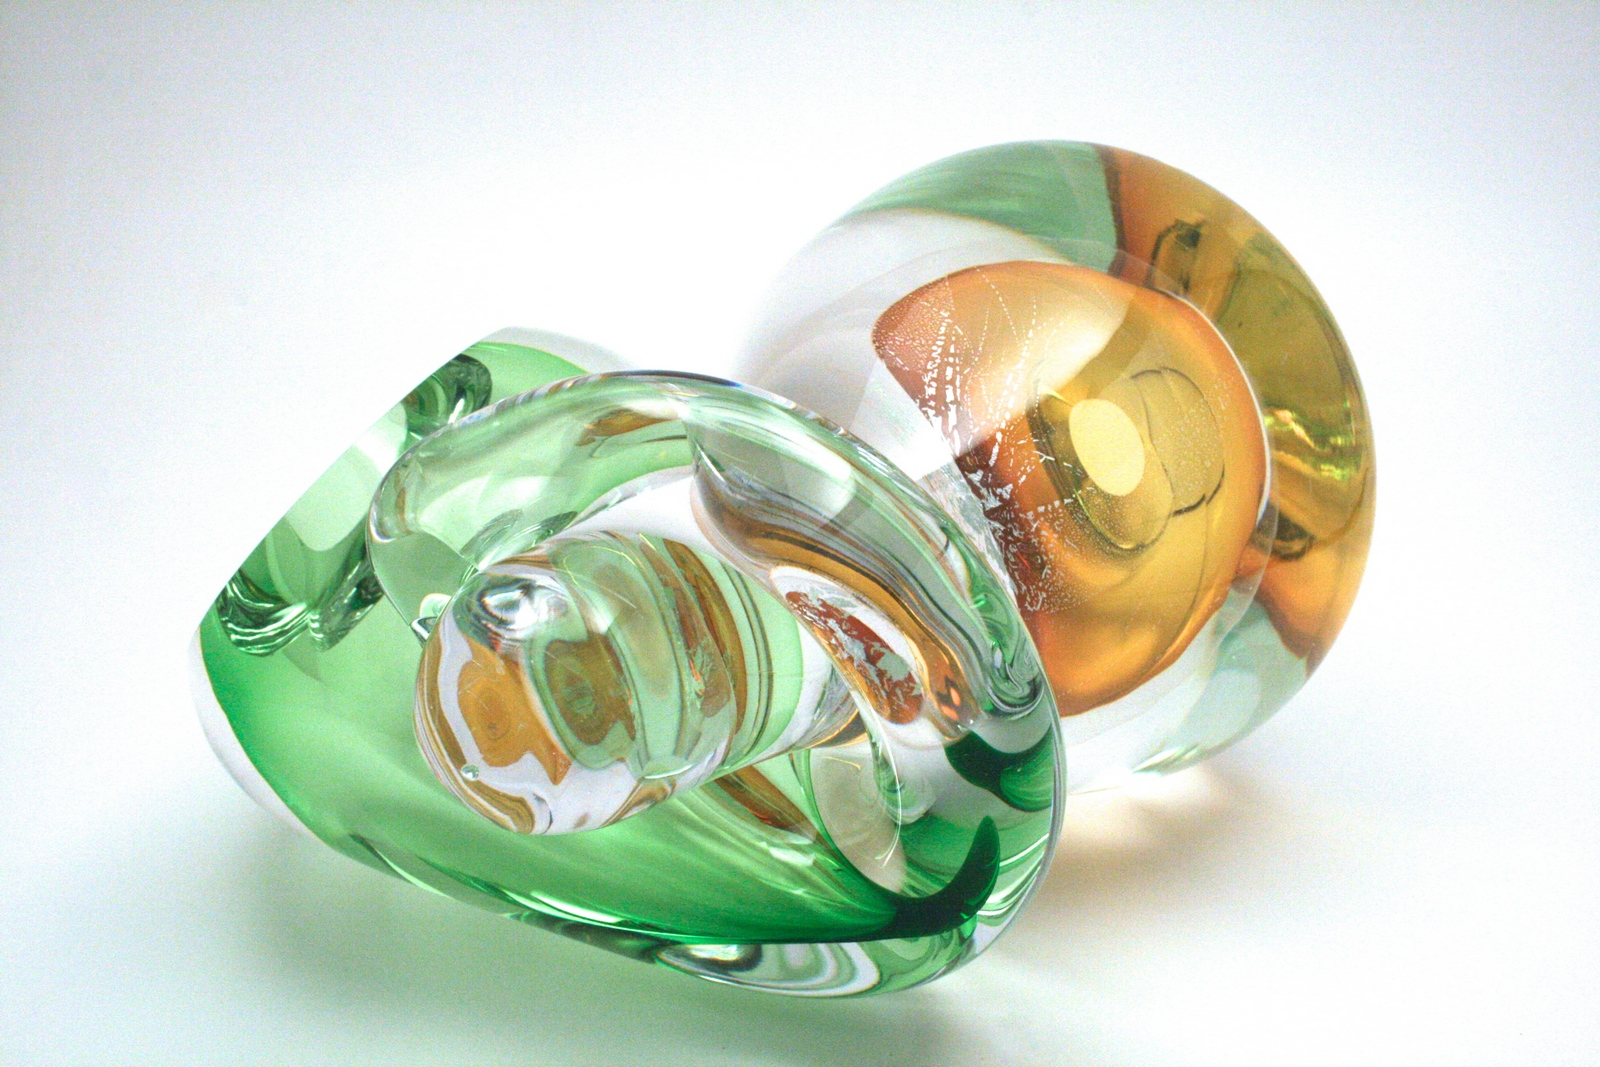 JvdB_Emerald Delight 30 x 21 cm (verkocht)